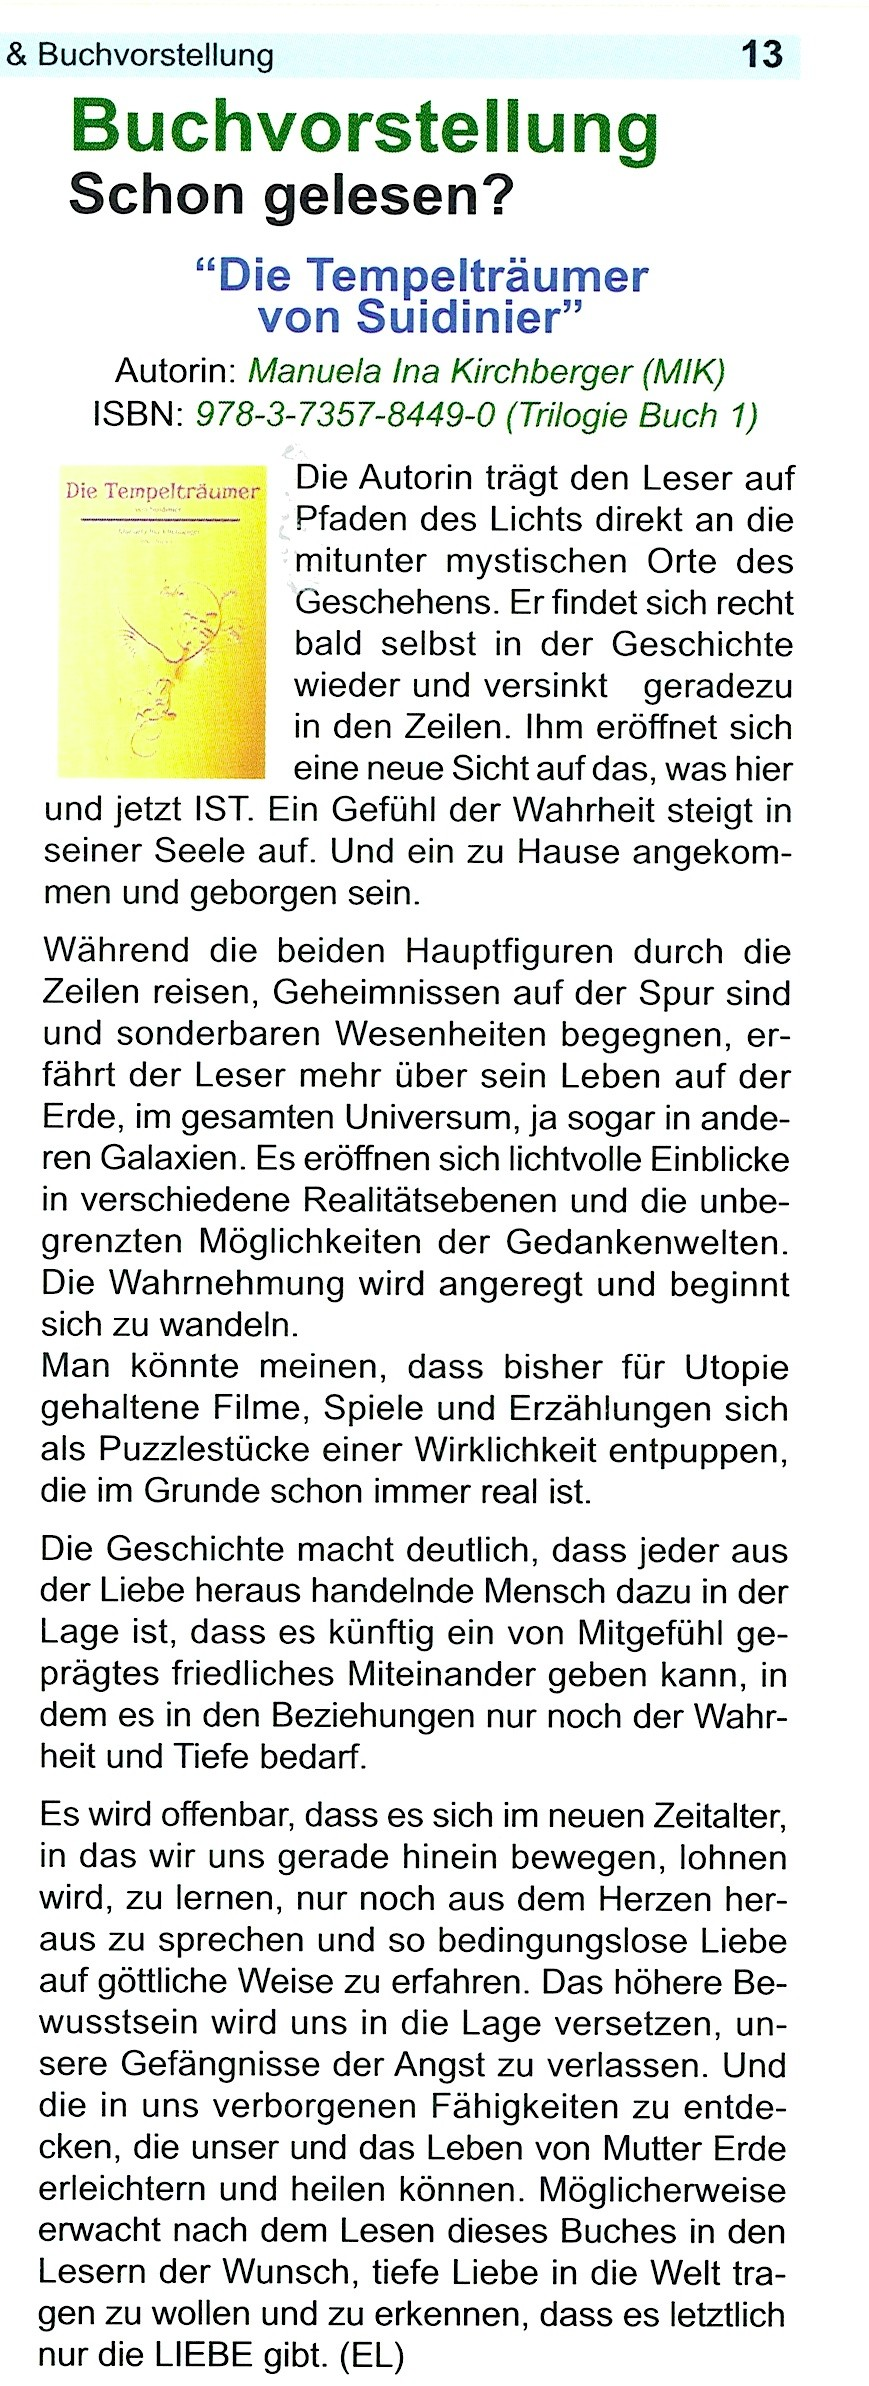 Trommelgeflüster 12/2014 - (mit freundlicher Genehmigung)